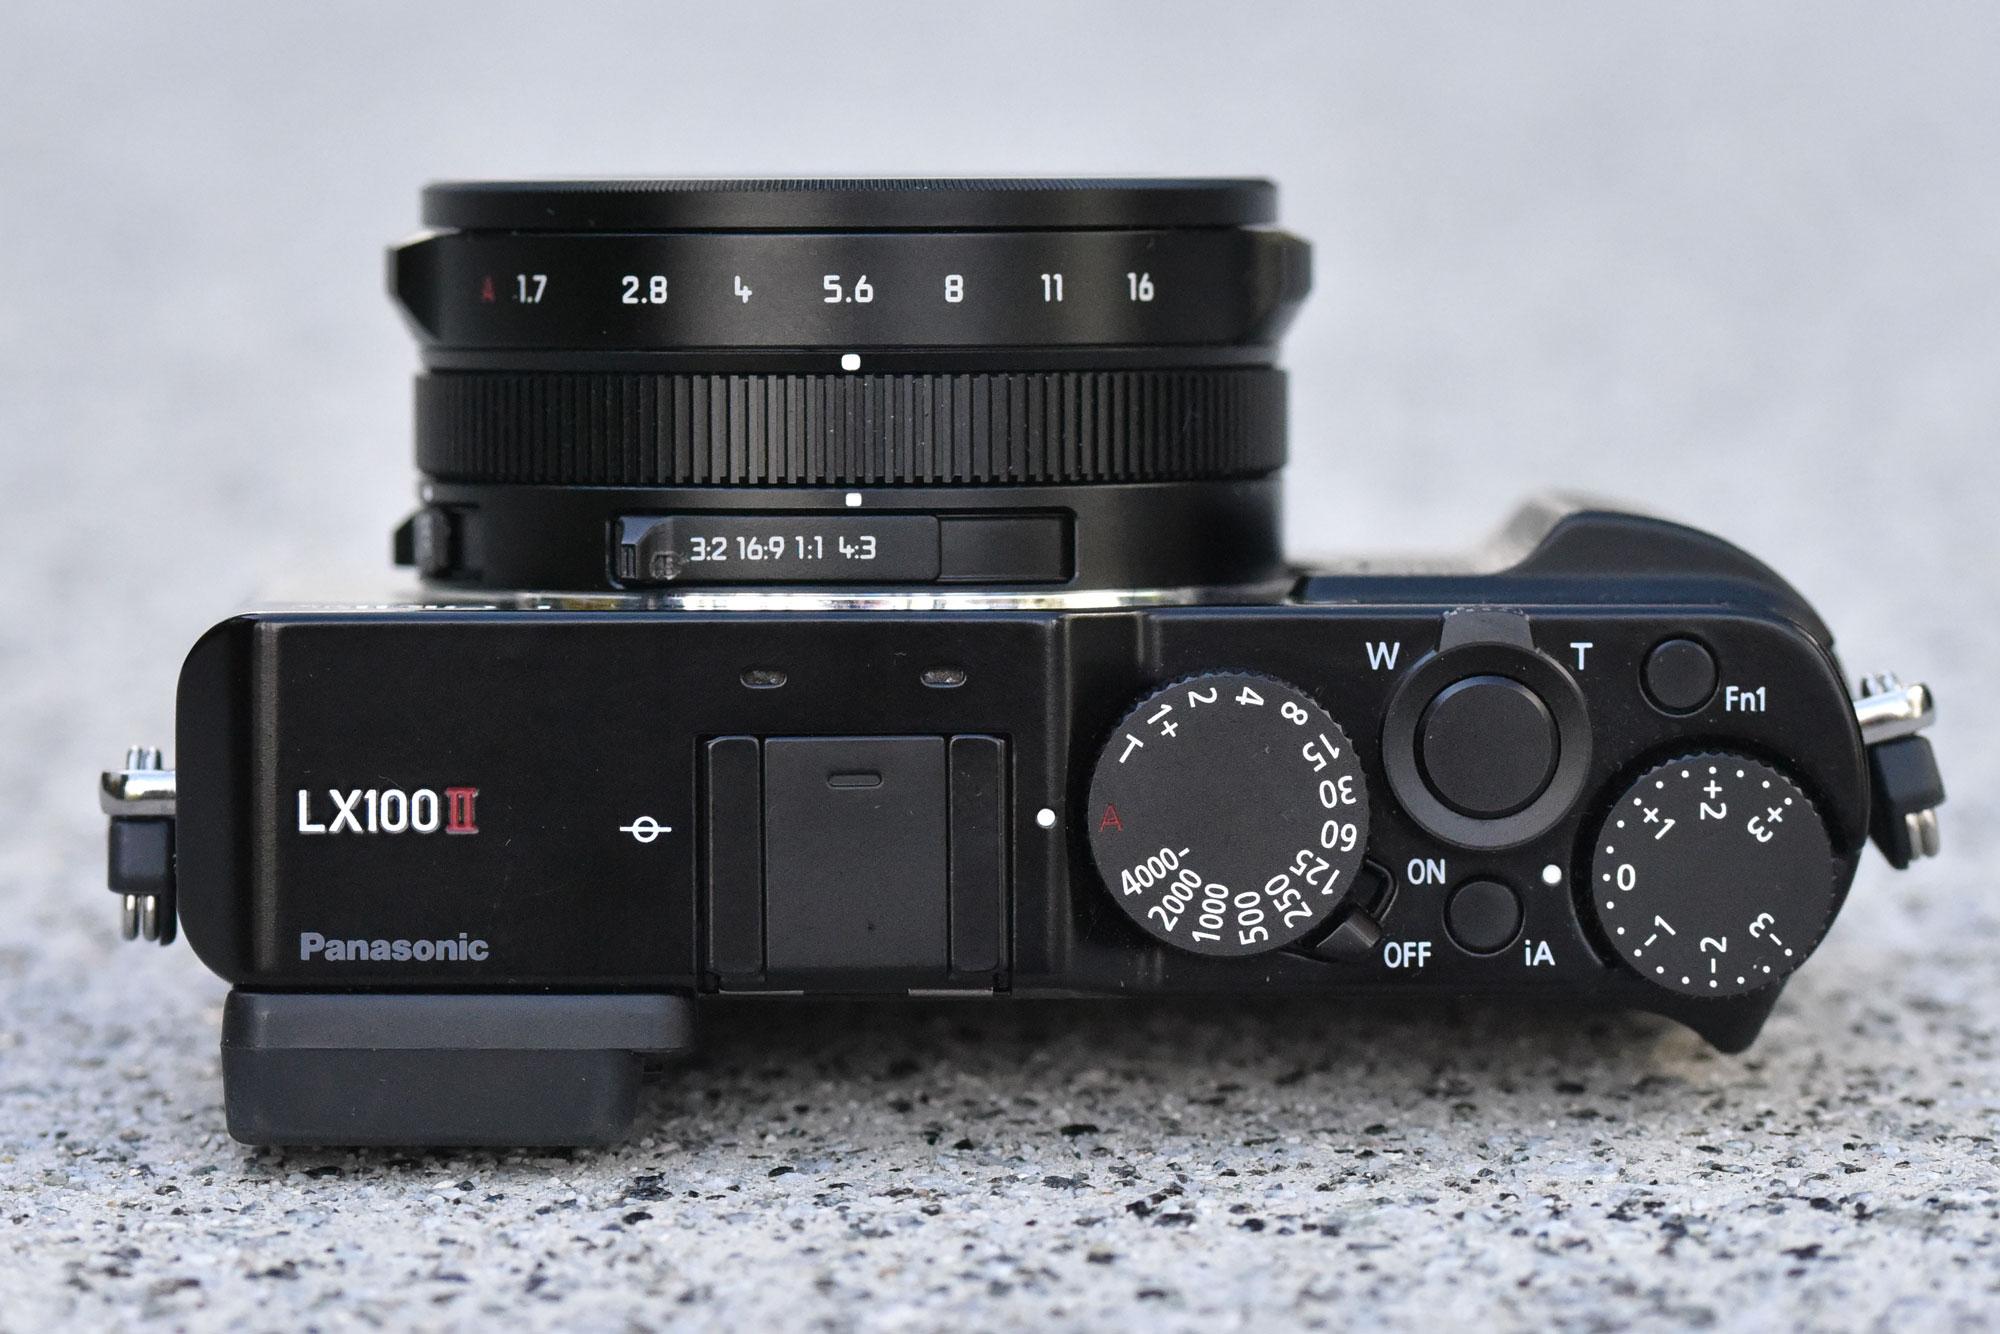 Máy Ảnh Panasonic Lumix LX100 II (Chính Hãng)